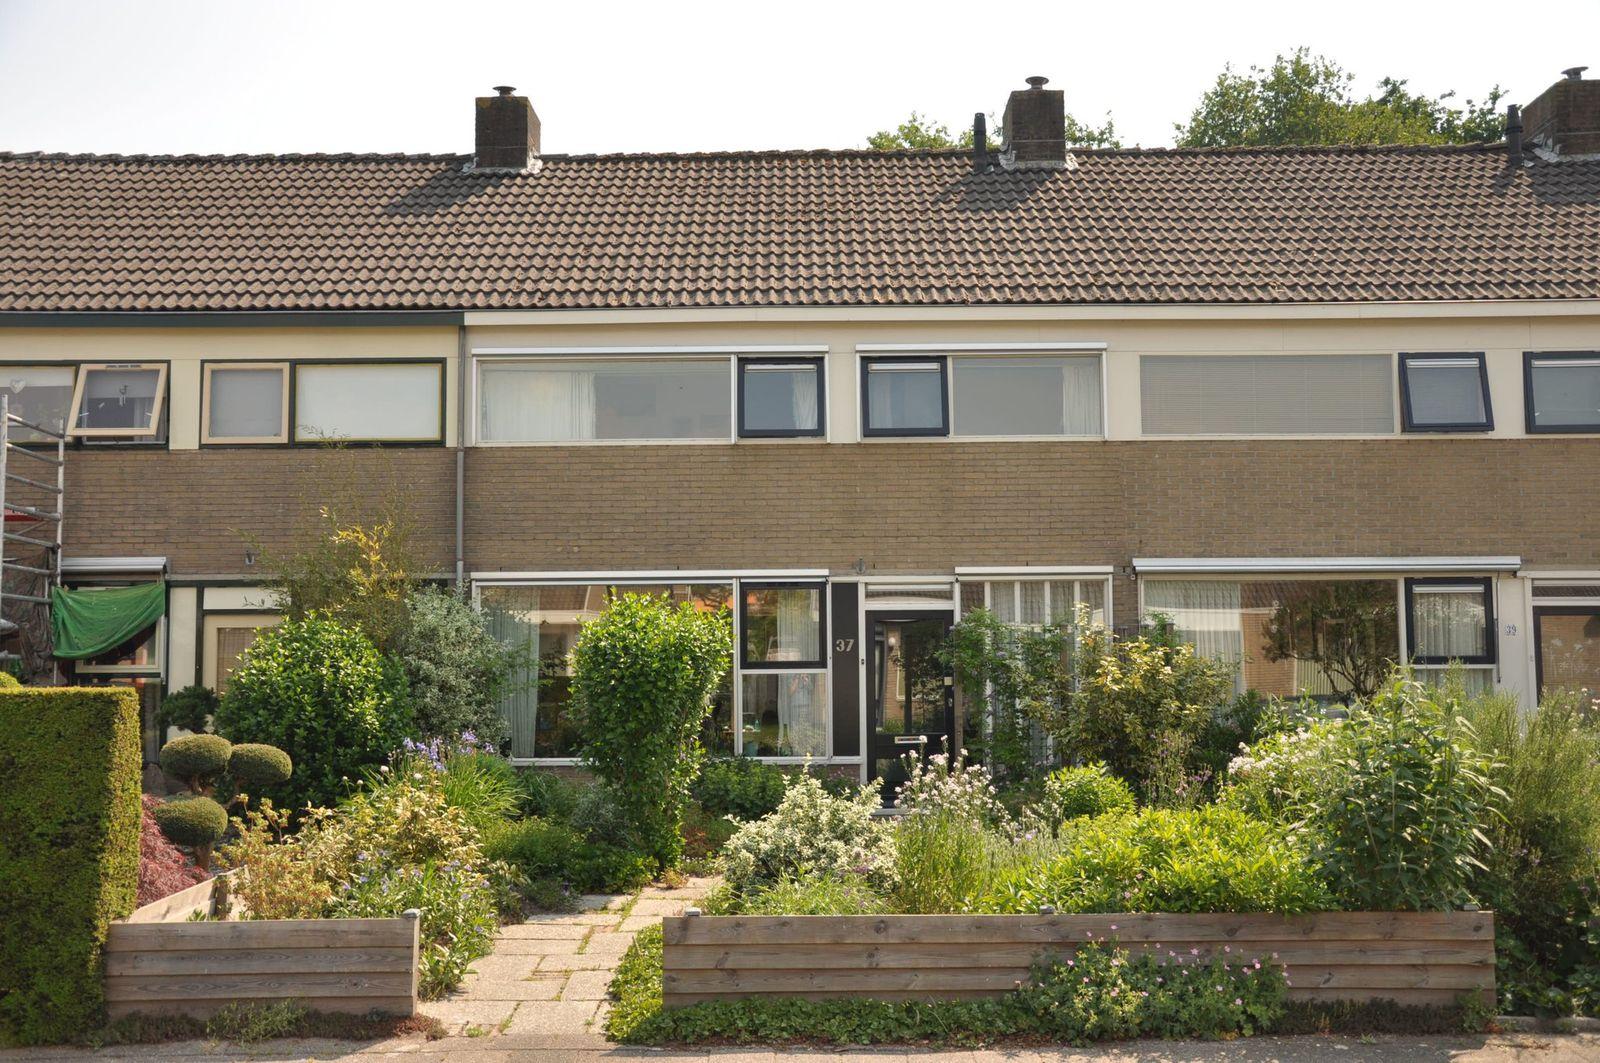 Koudenburgerweg 37, Haulerwijk